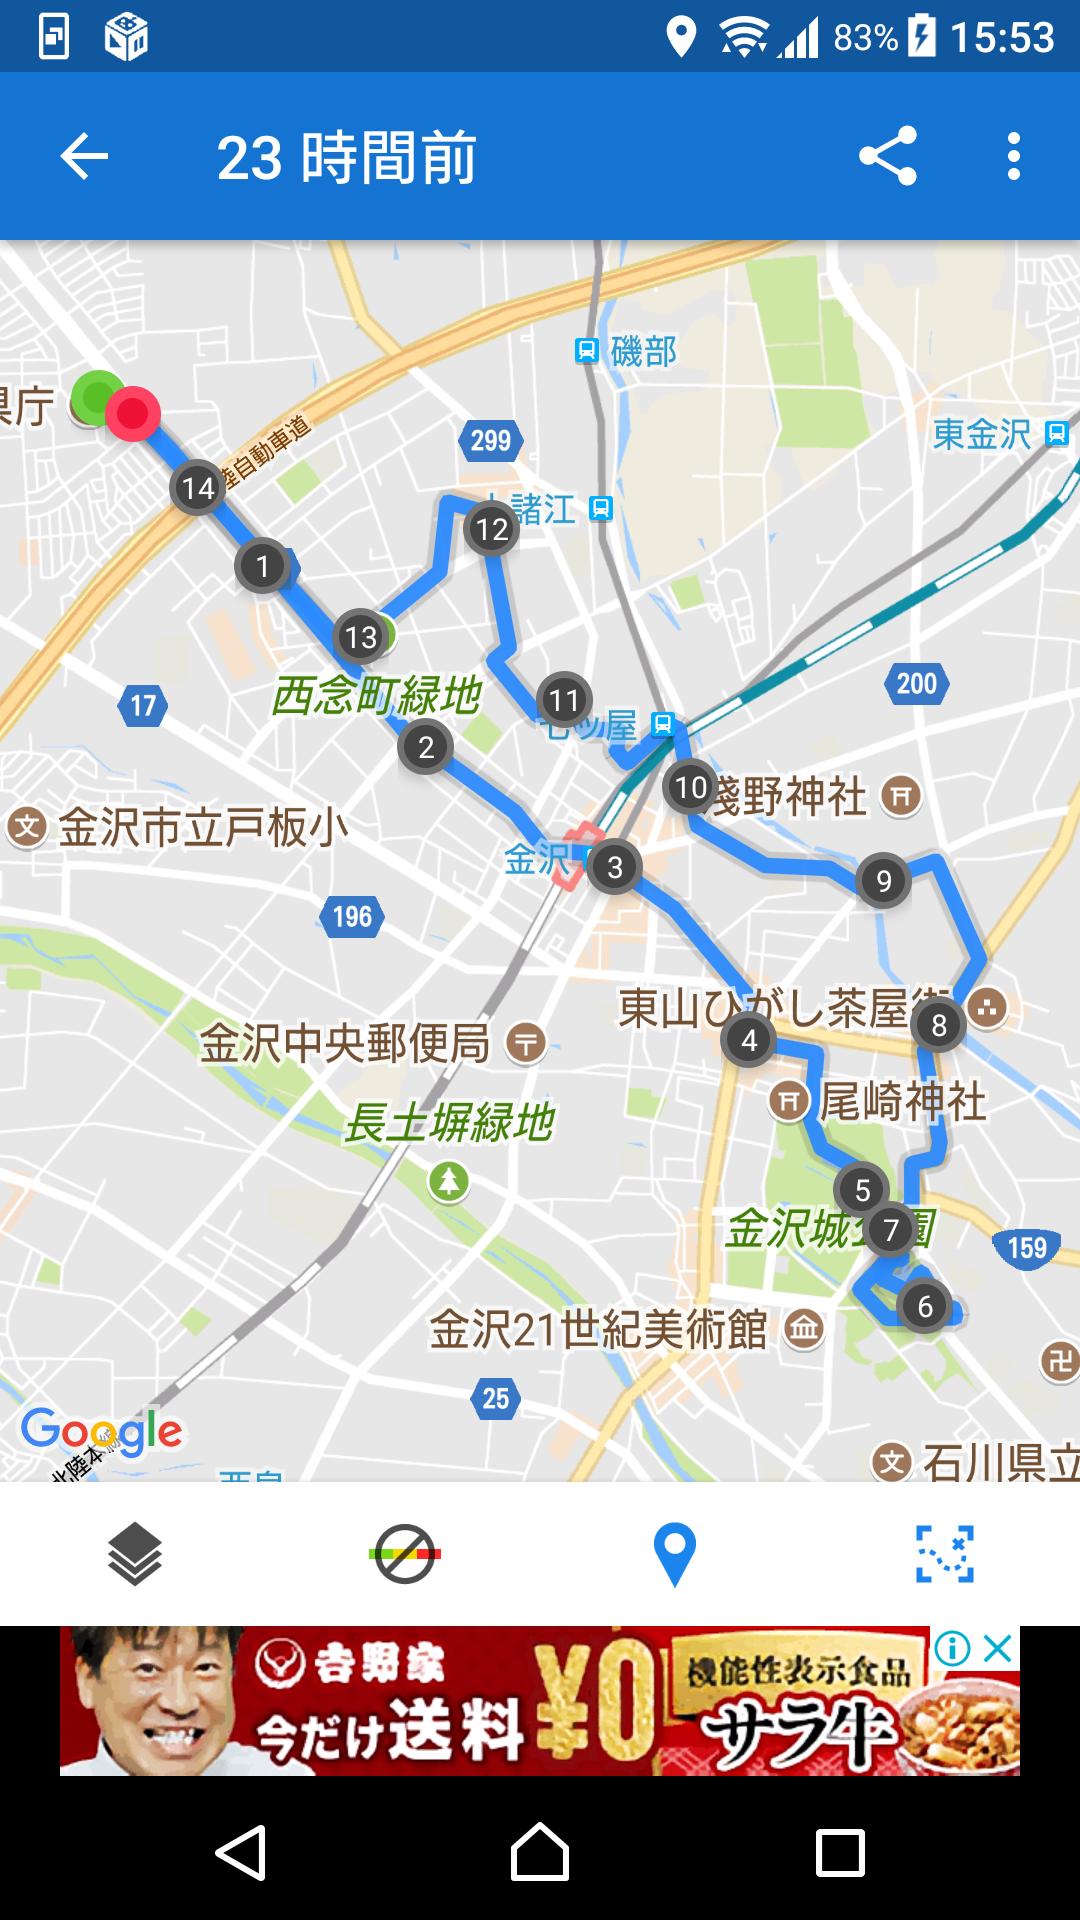 f:id:ynakayama27:20170723161040p:plain